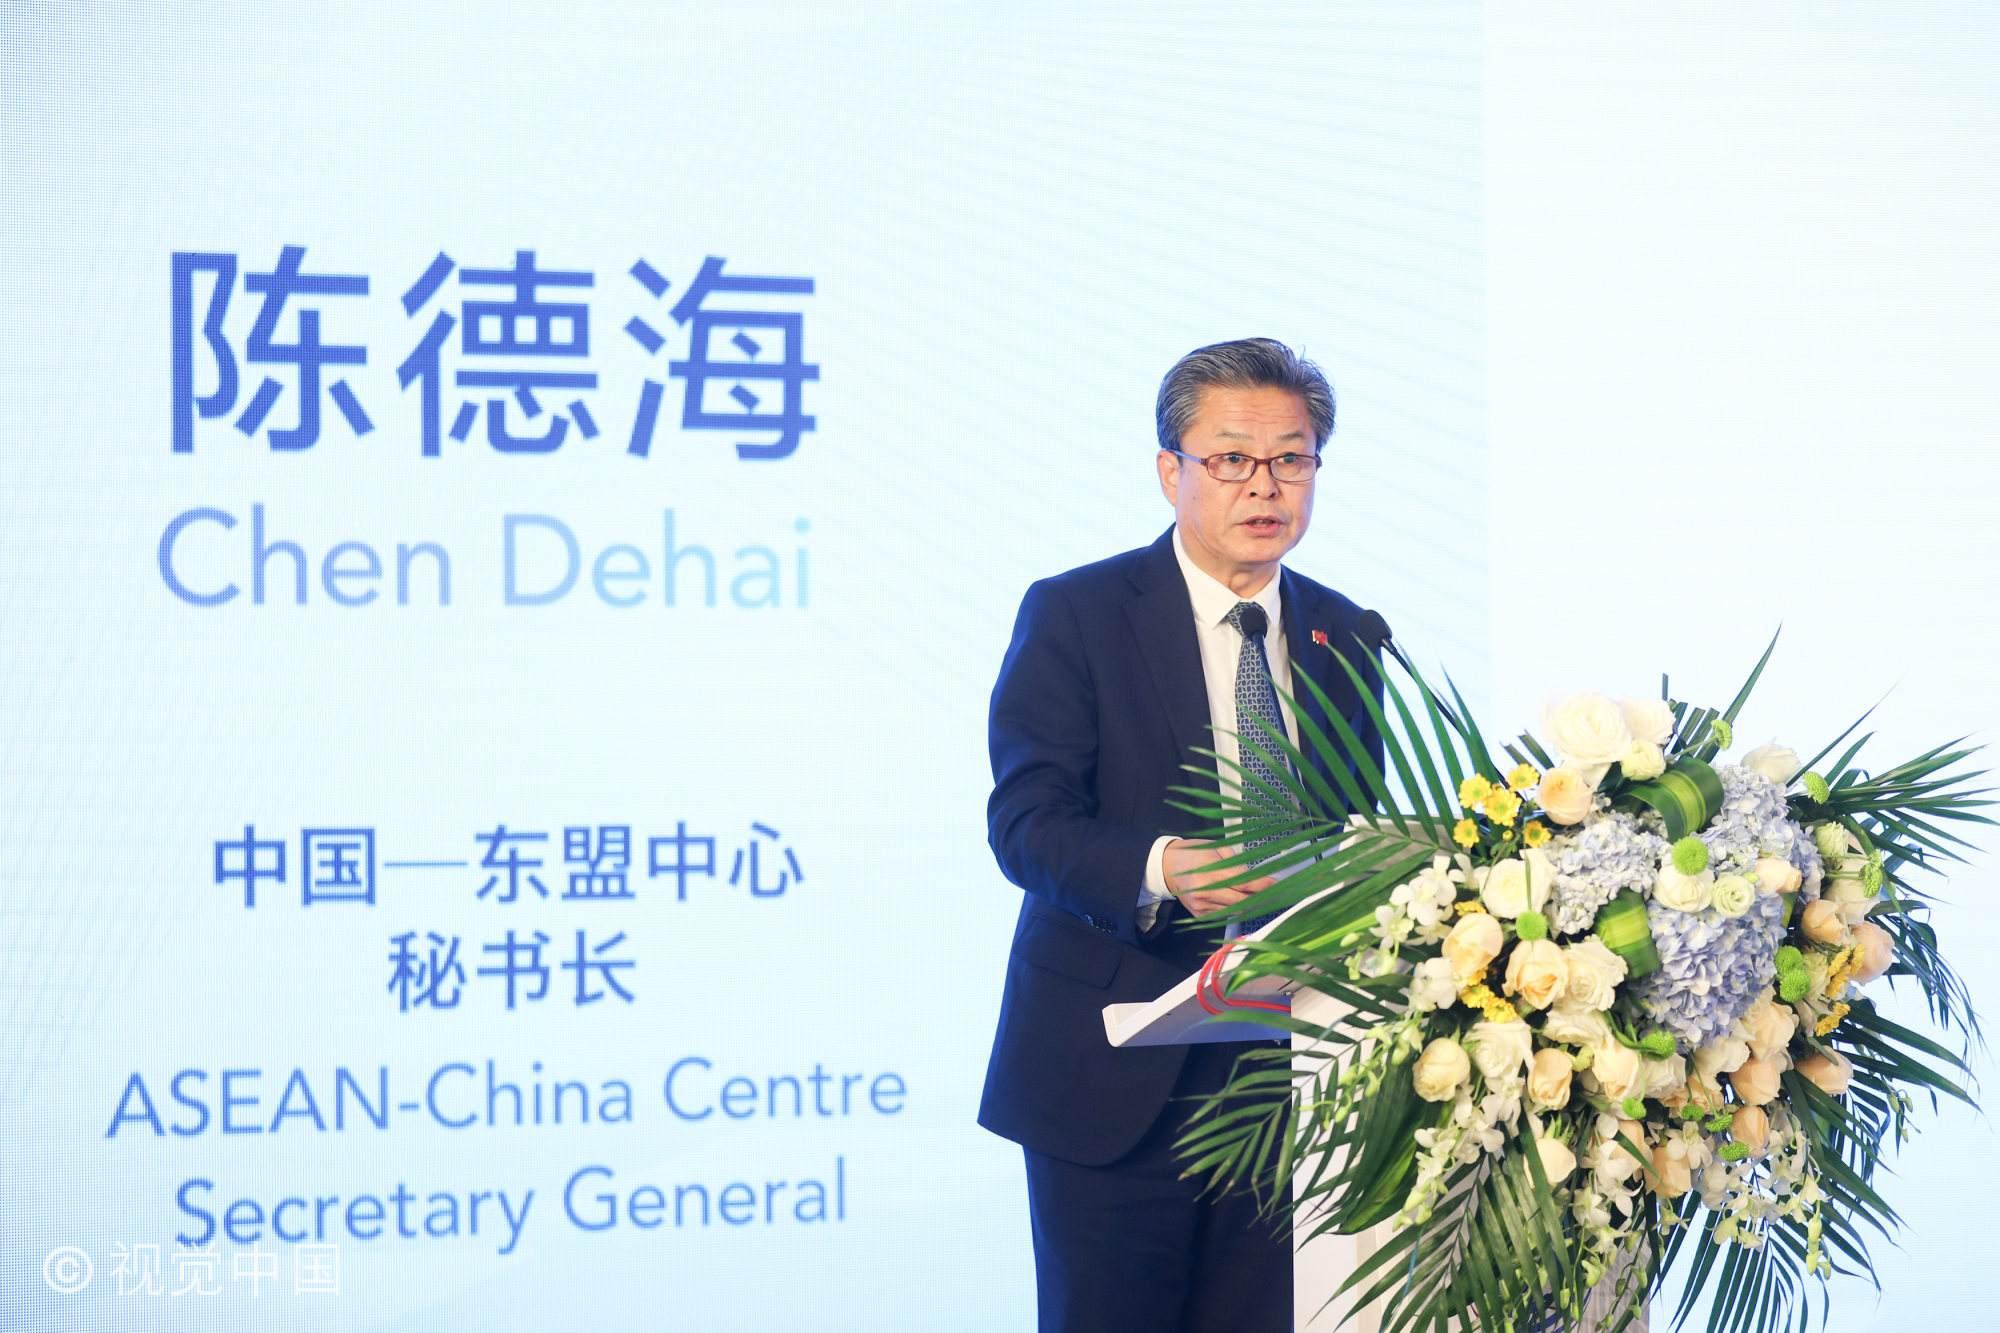 陈德海秘书长在中国—东盟中心成立八周年招待会上的讲话